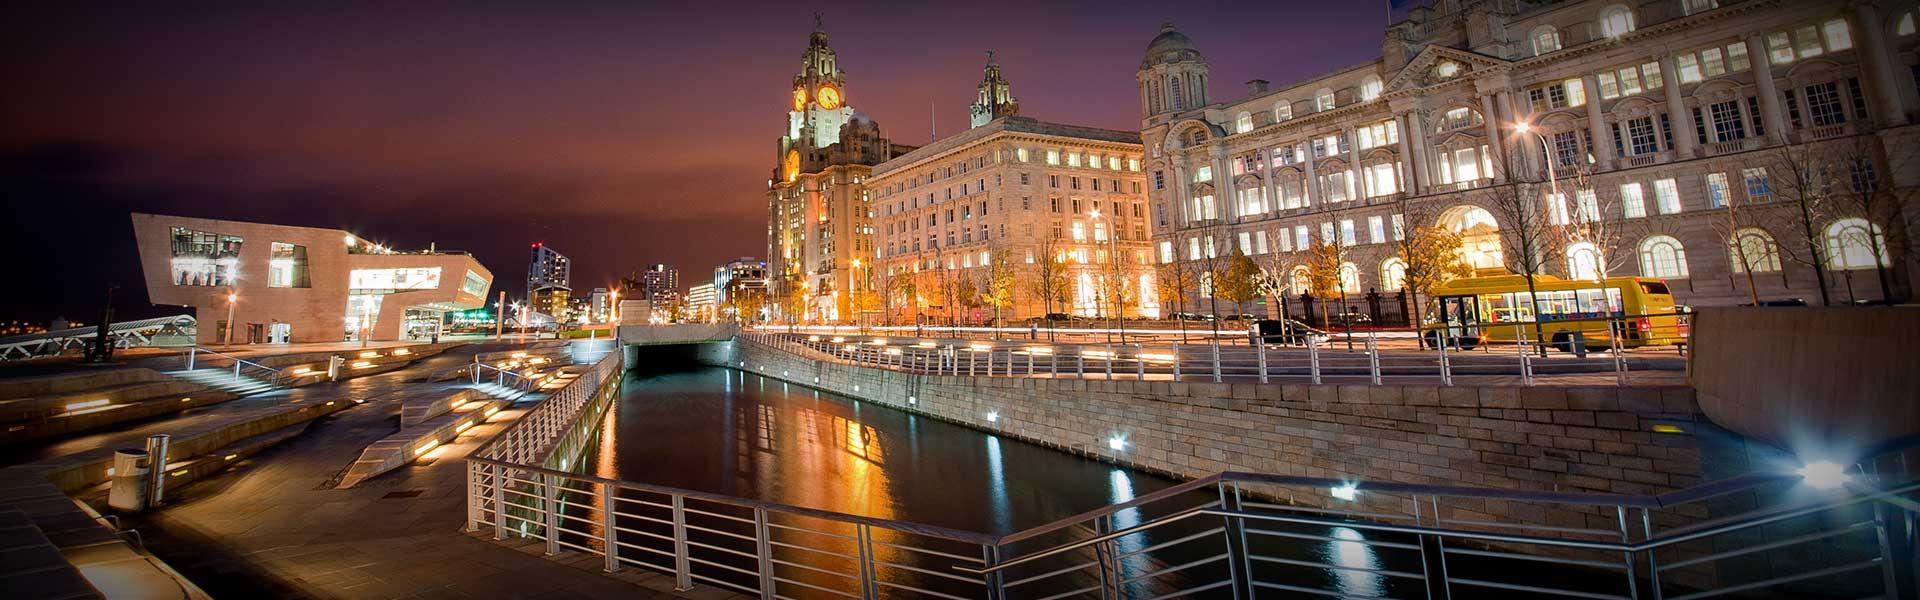 Private Tutors in Liverpool